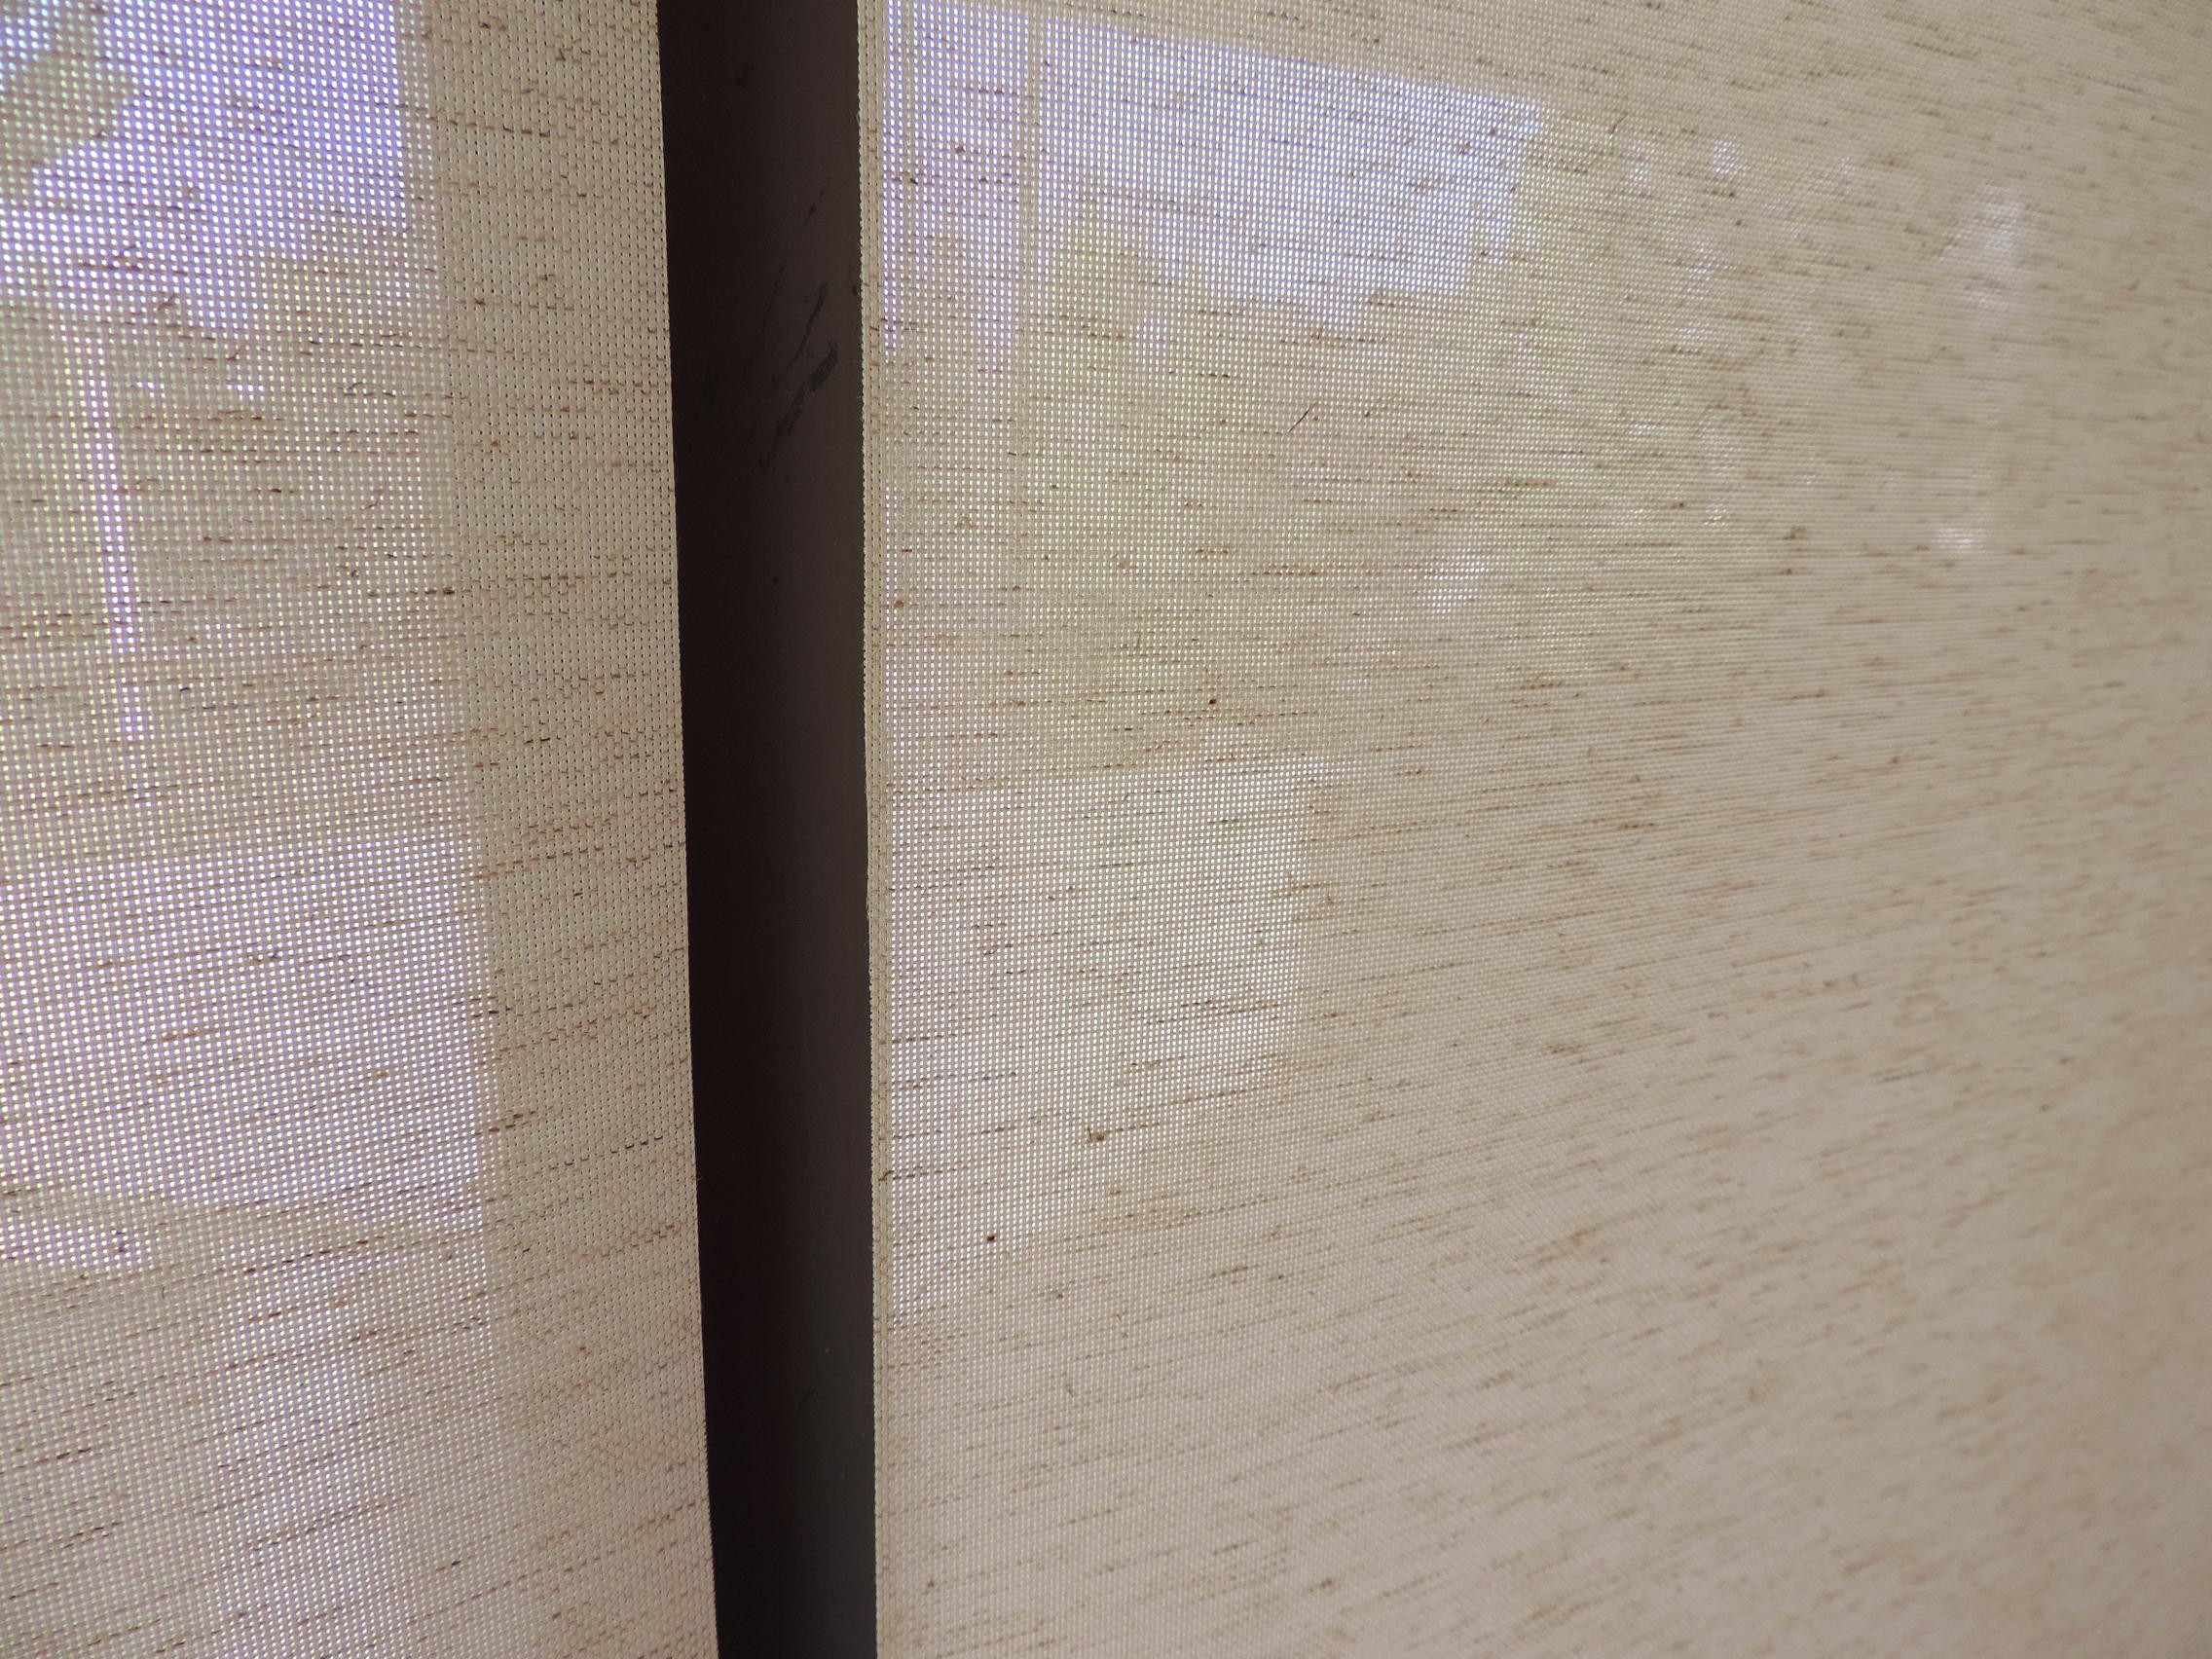 detalle roller susncreen texturado